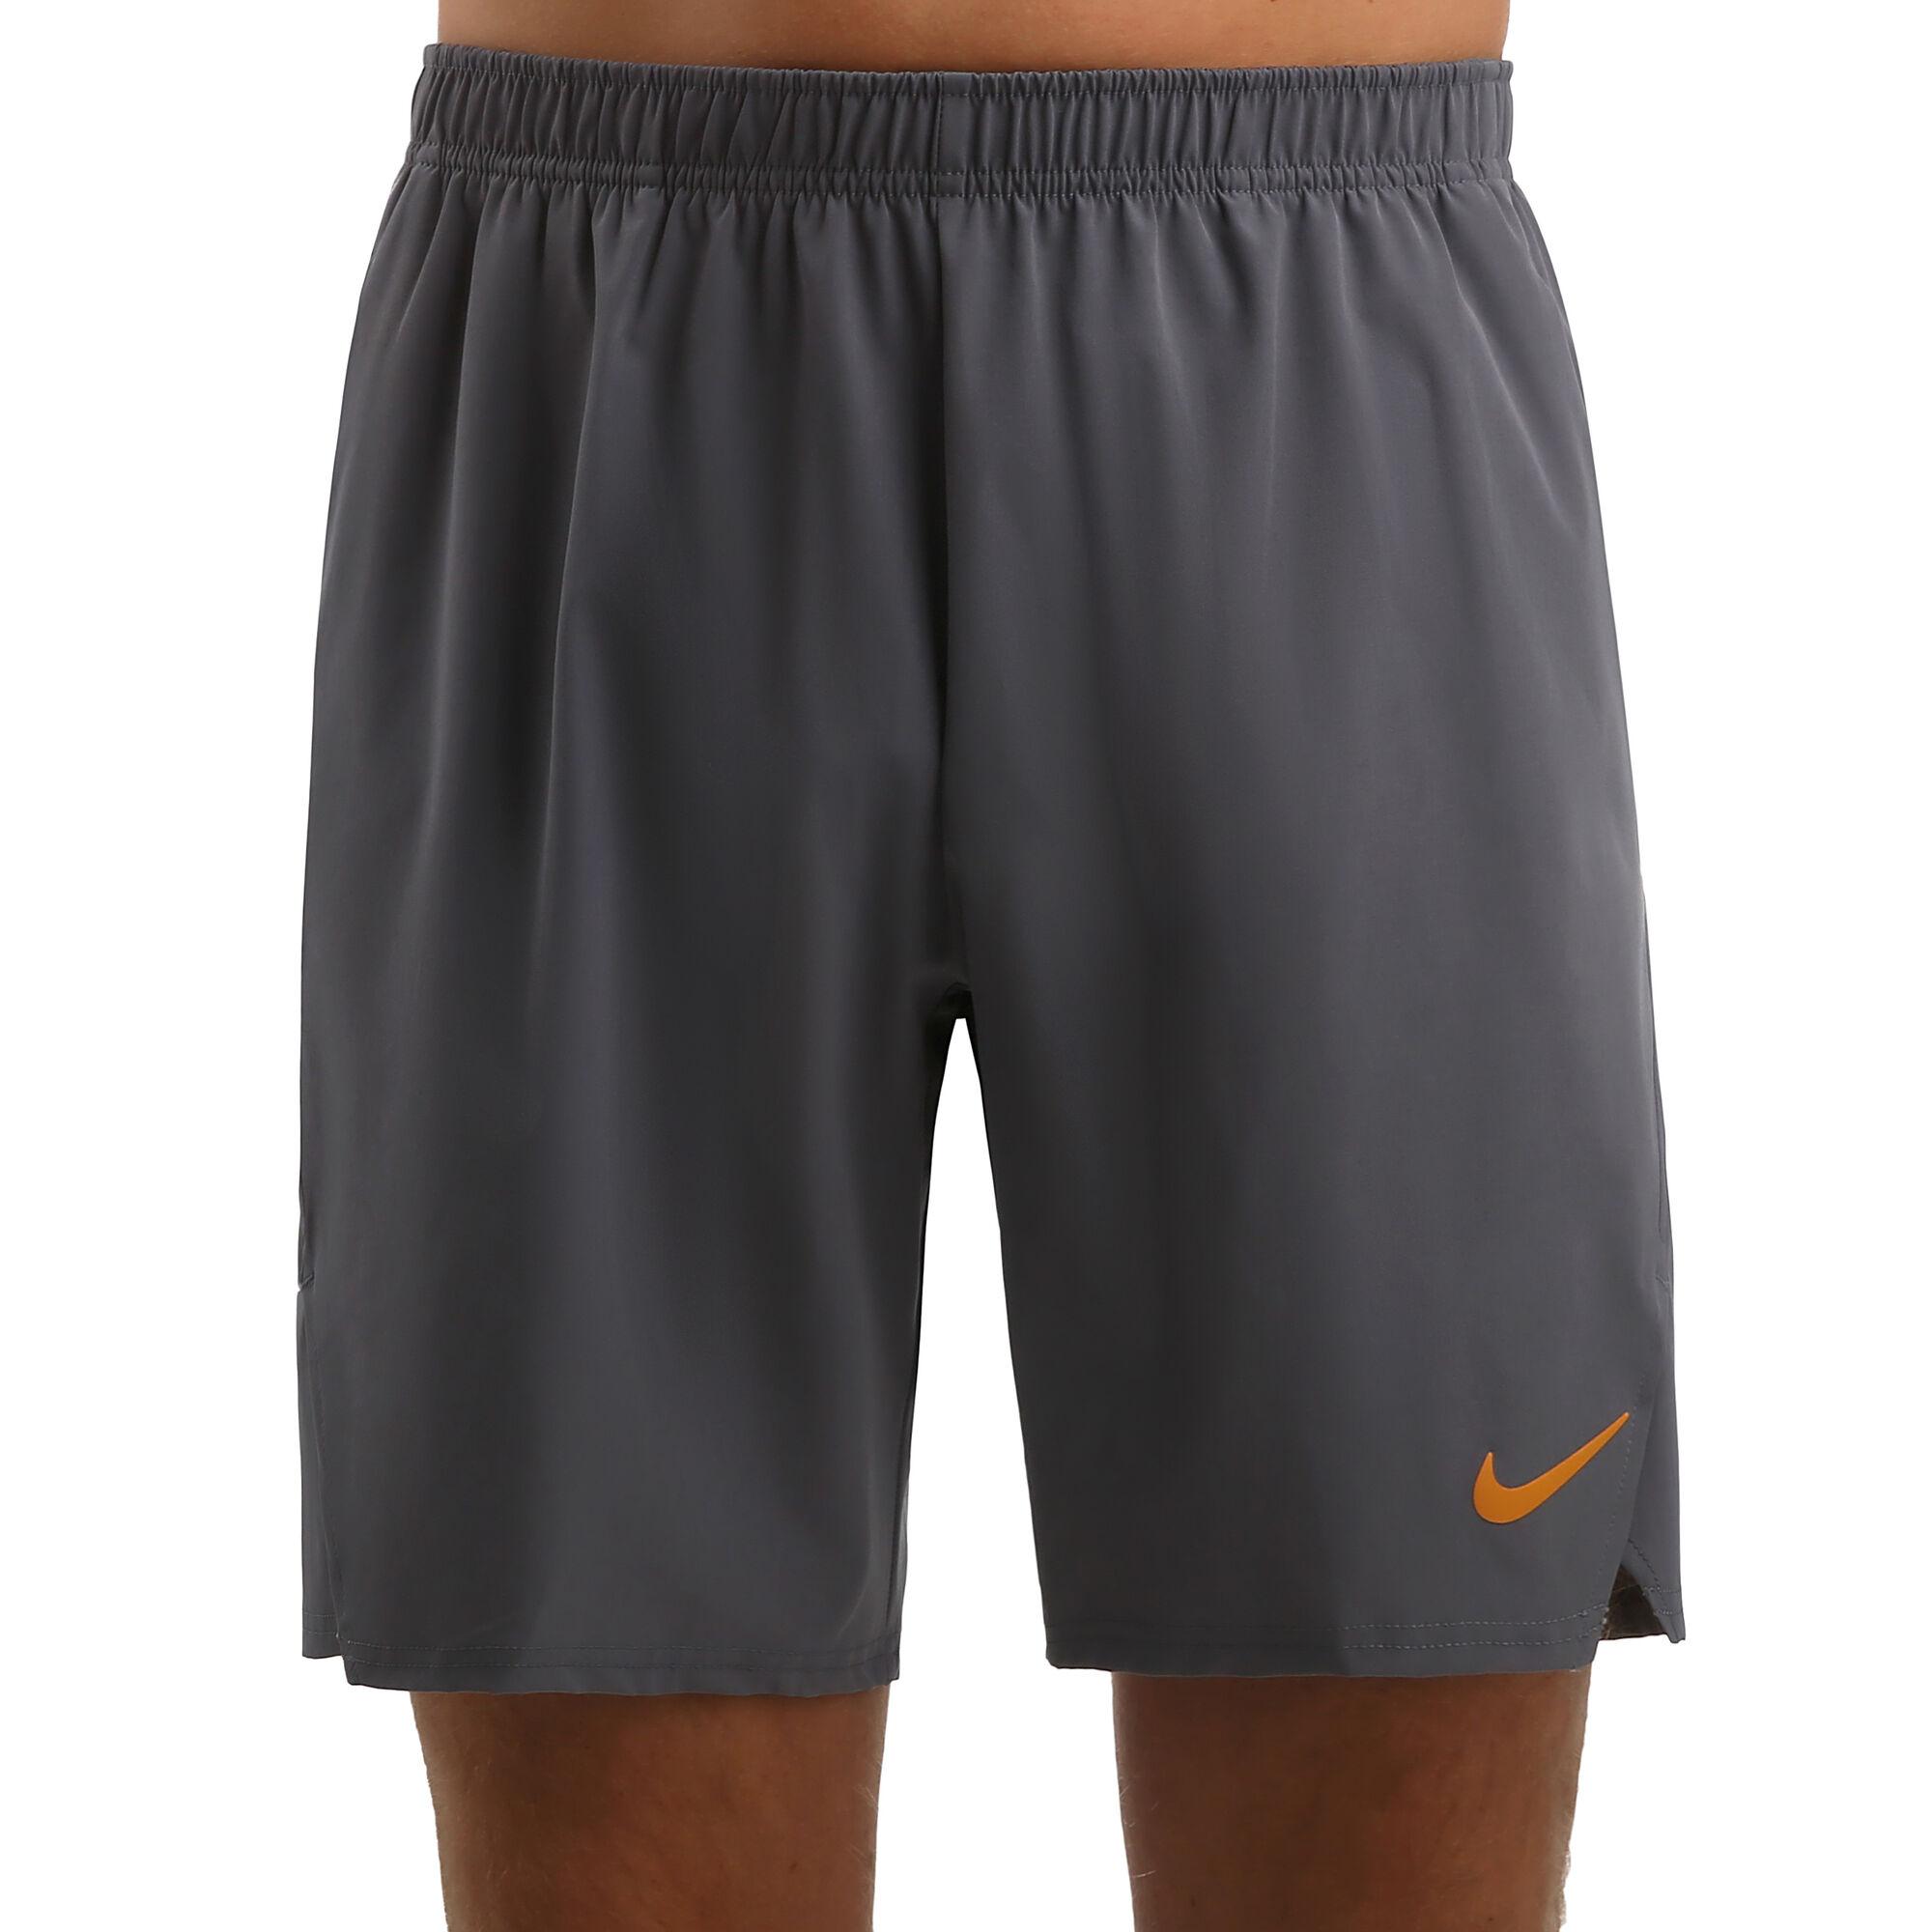 69e1ce42c8d Nike Court Flex Ace Shorts Hombres - Gris, Naranja compra online ...